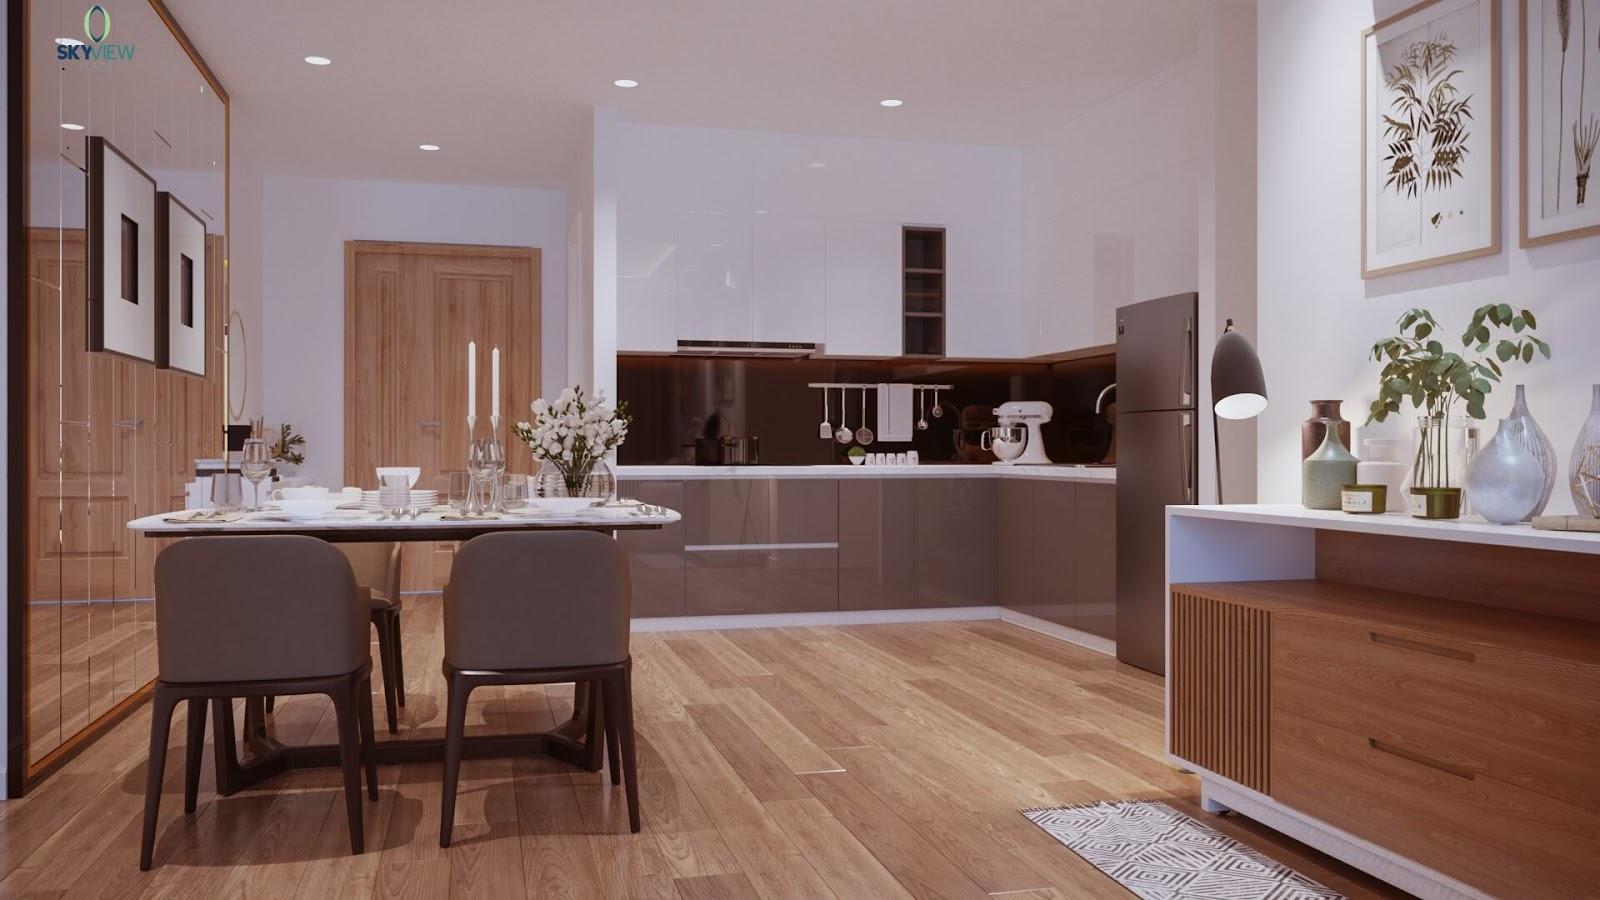 Phòng ăn của chung cư Sky View Plaza